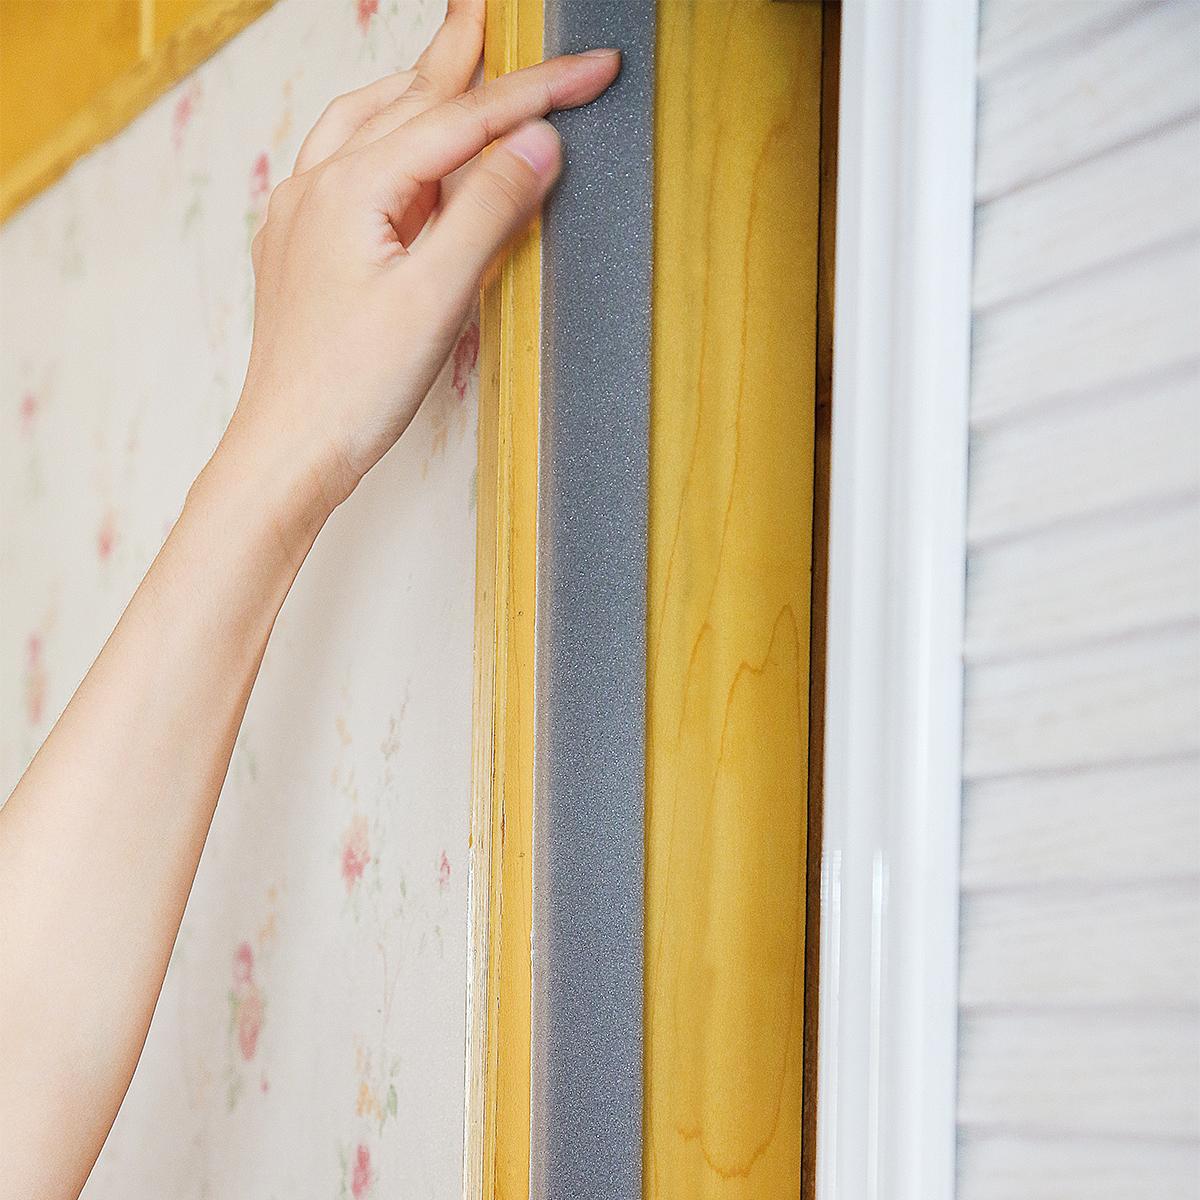 日本进口nitoms 门窗缝隙密封条 门缝隔音条防尘贴自粘窗户防风条